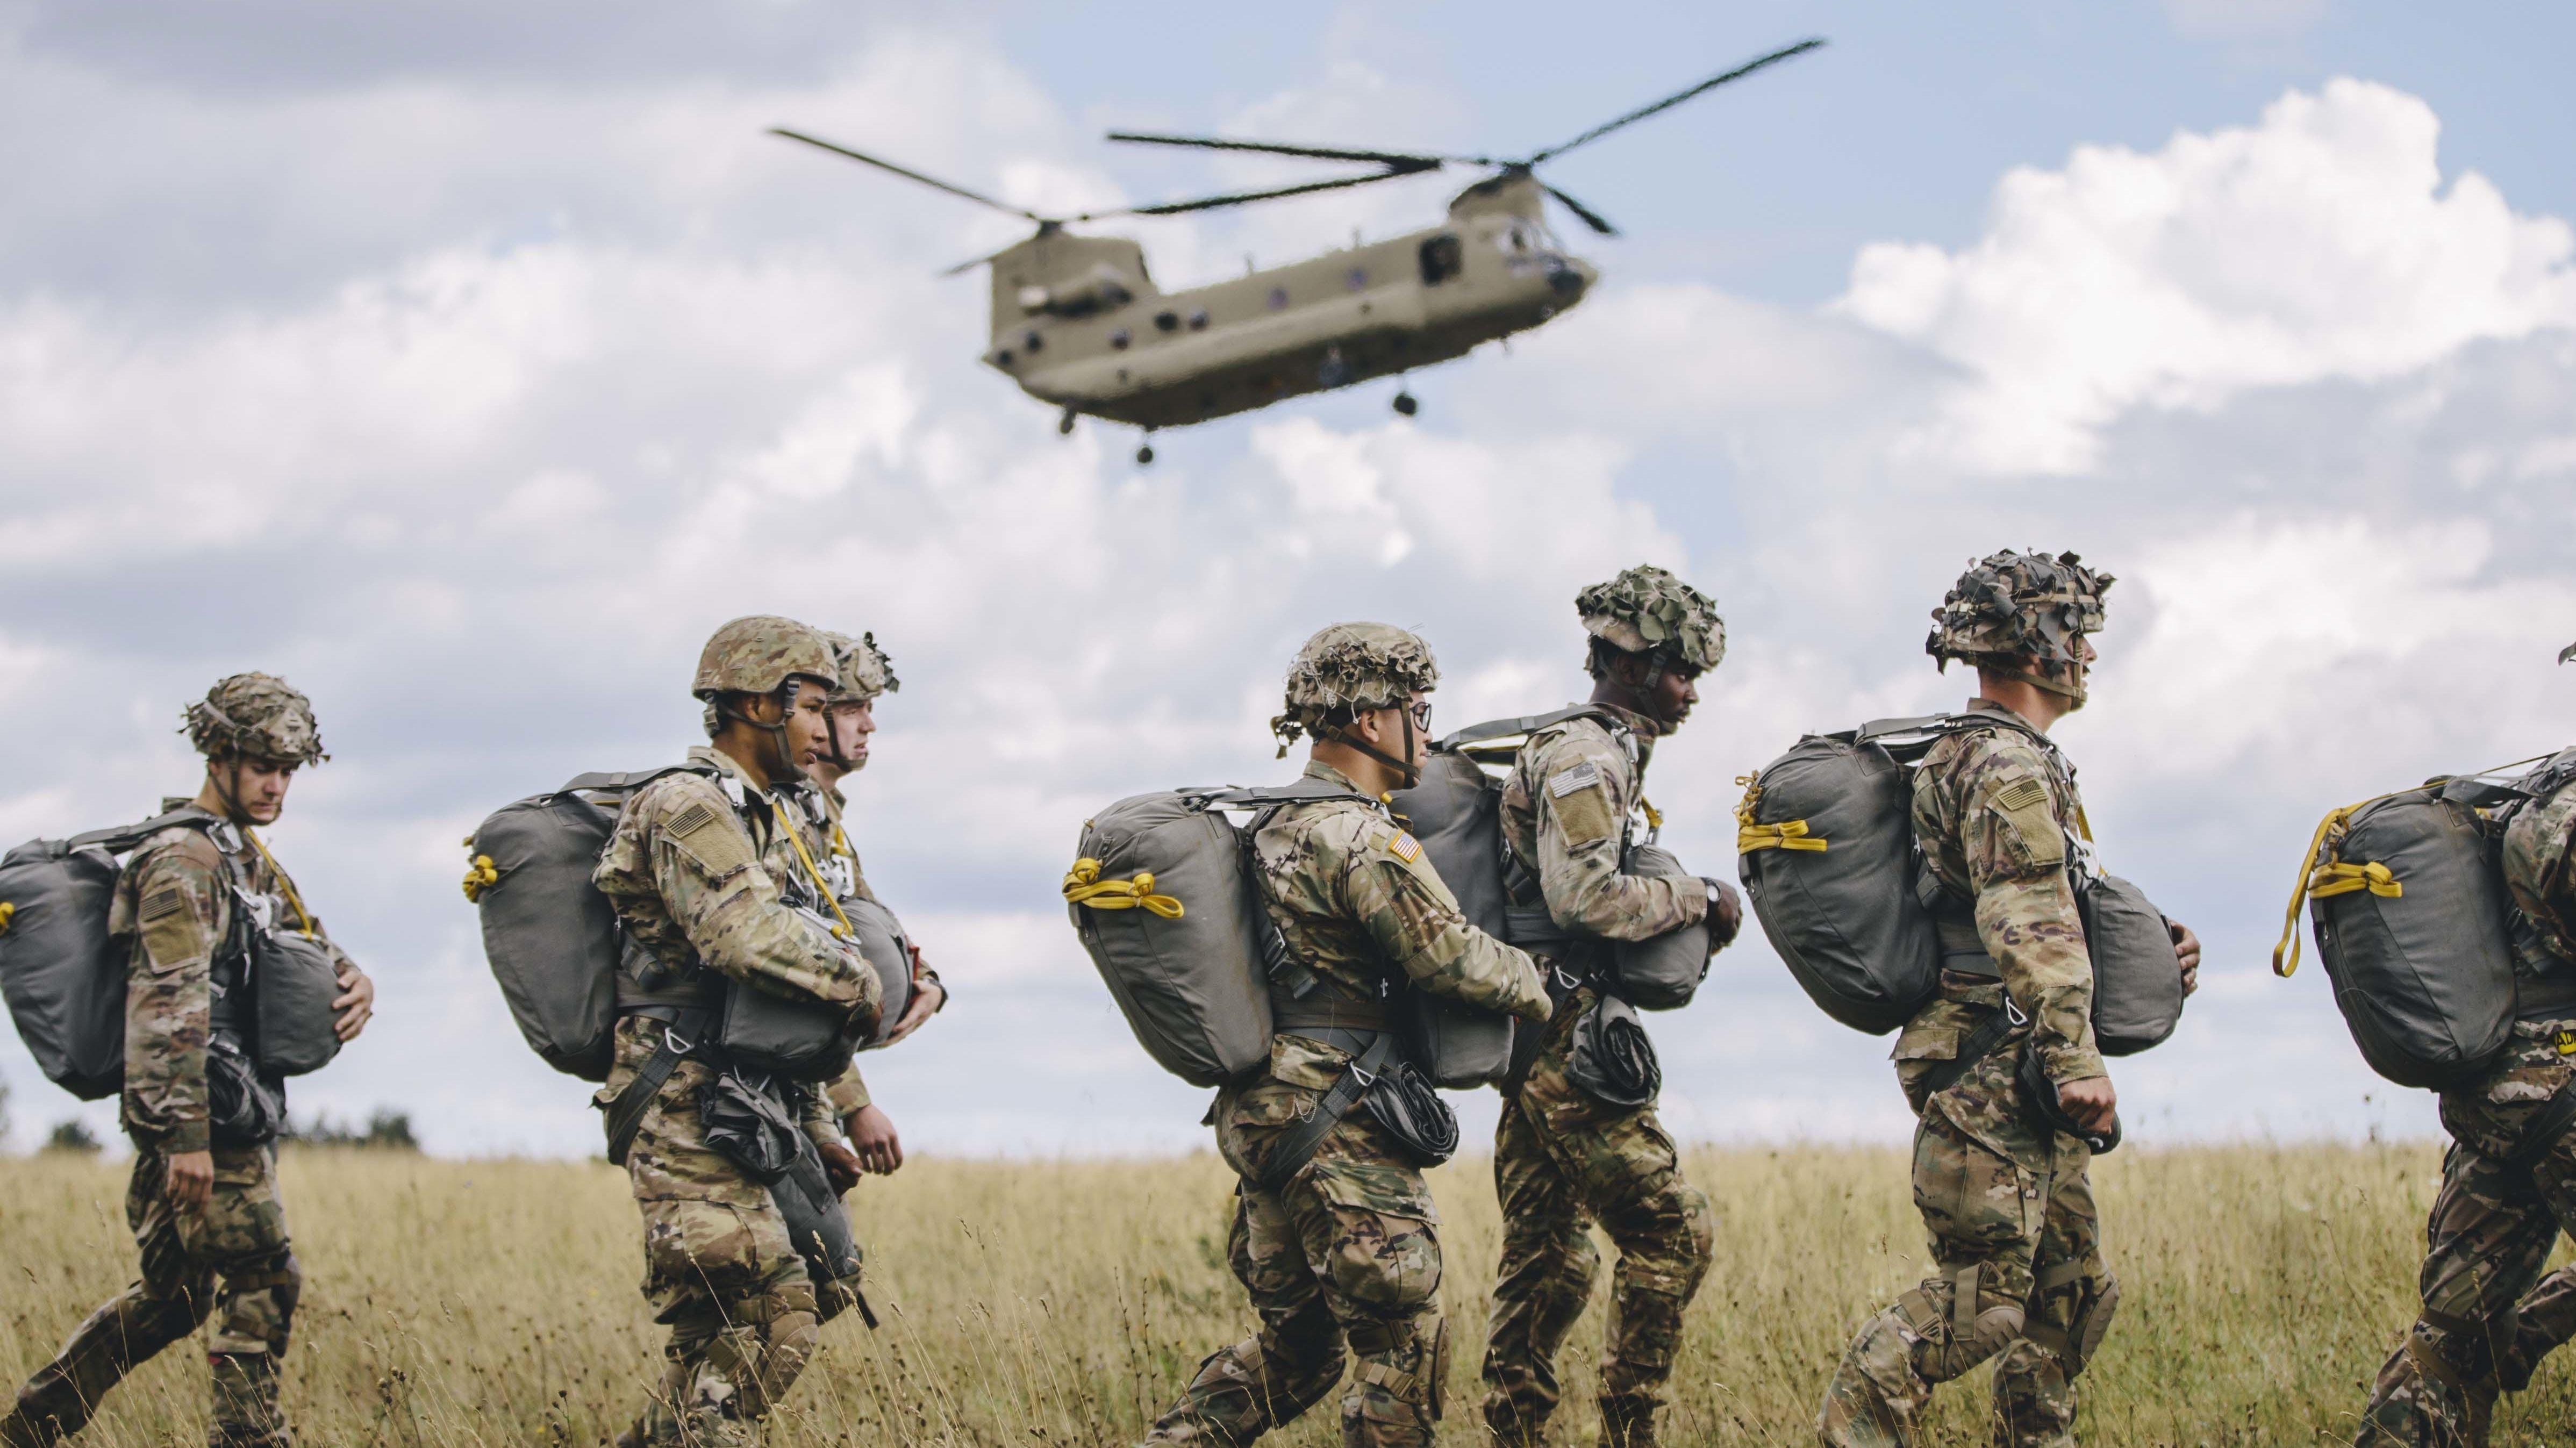 US-Soldaten auf dem Gelände des Truppenübungsplatzes in Grafenwöhr: Am am Wochenende wurden dort die Sicherheitsmaßnahmen verschärft.